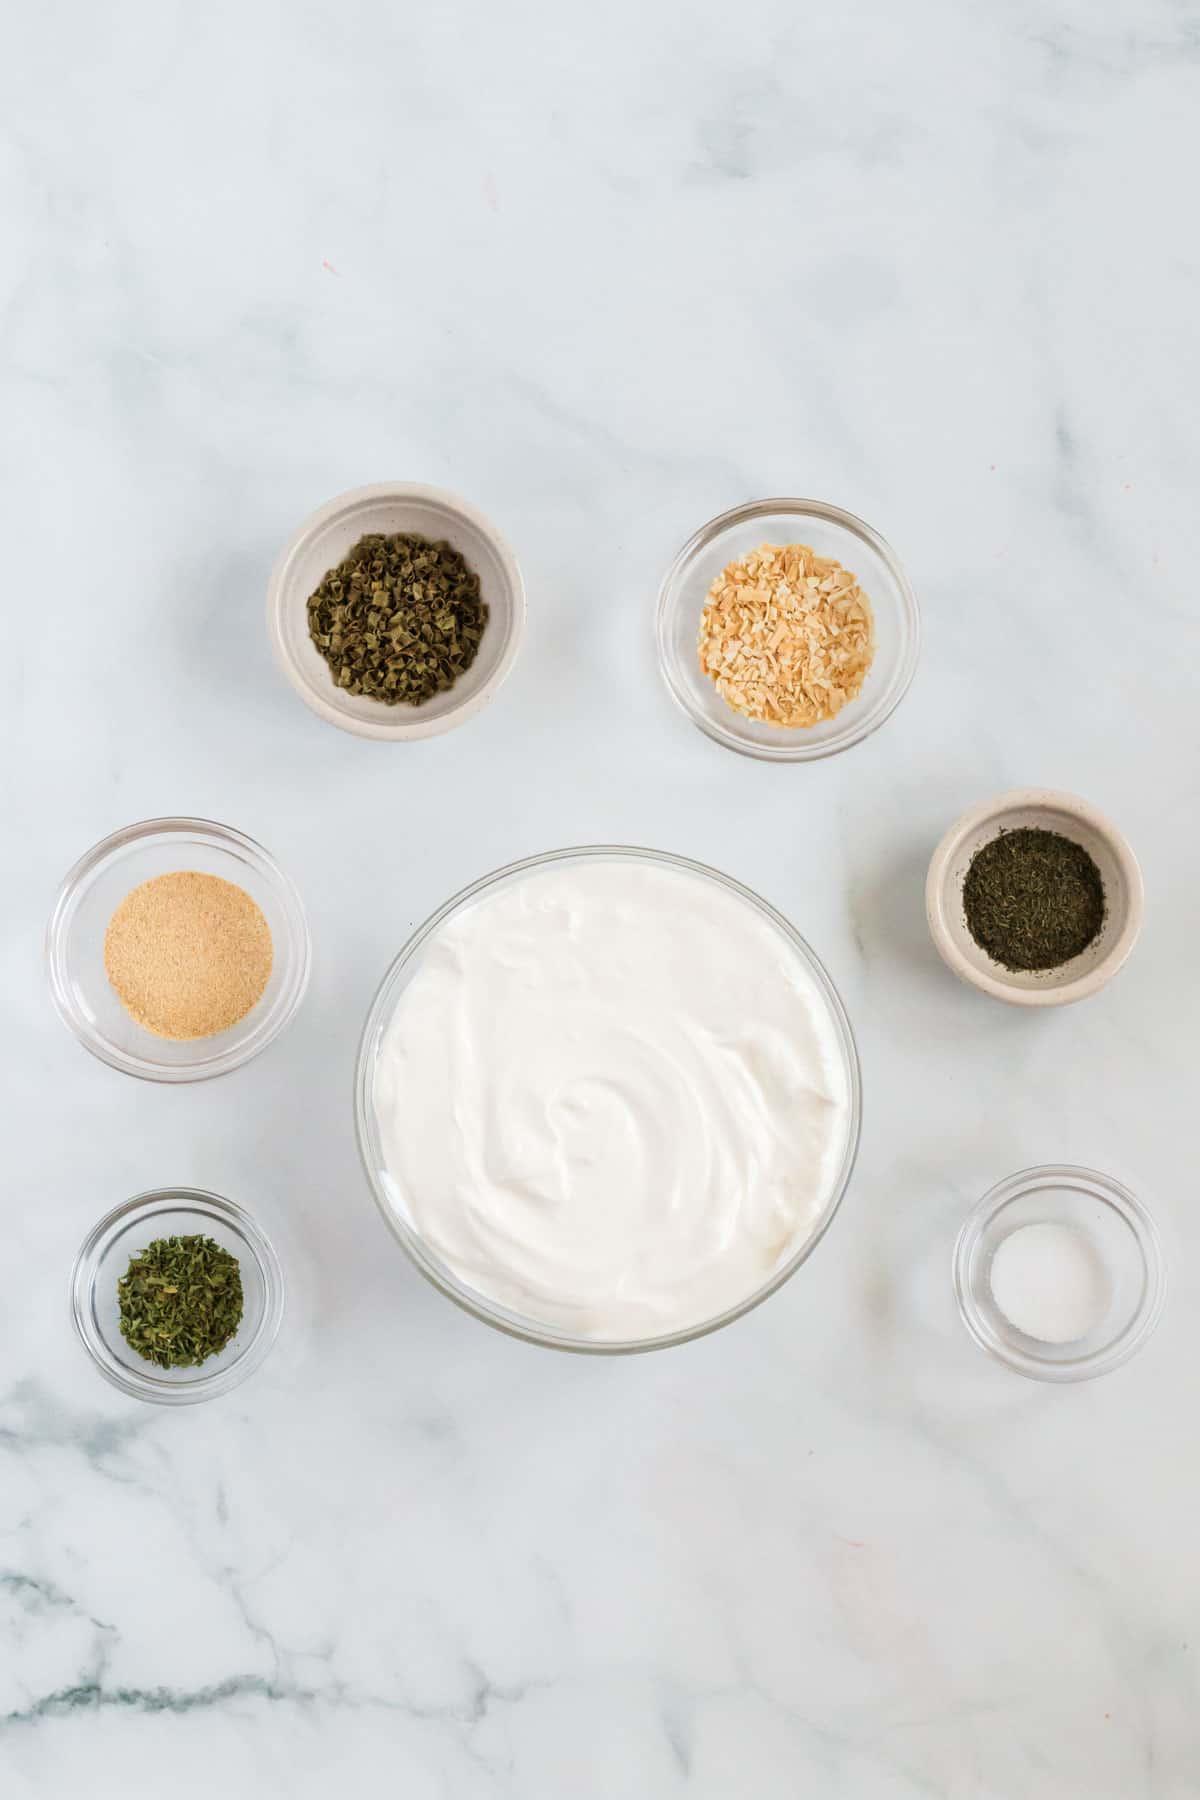 ingredients to make chip dip